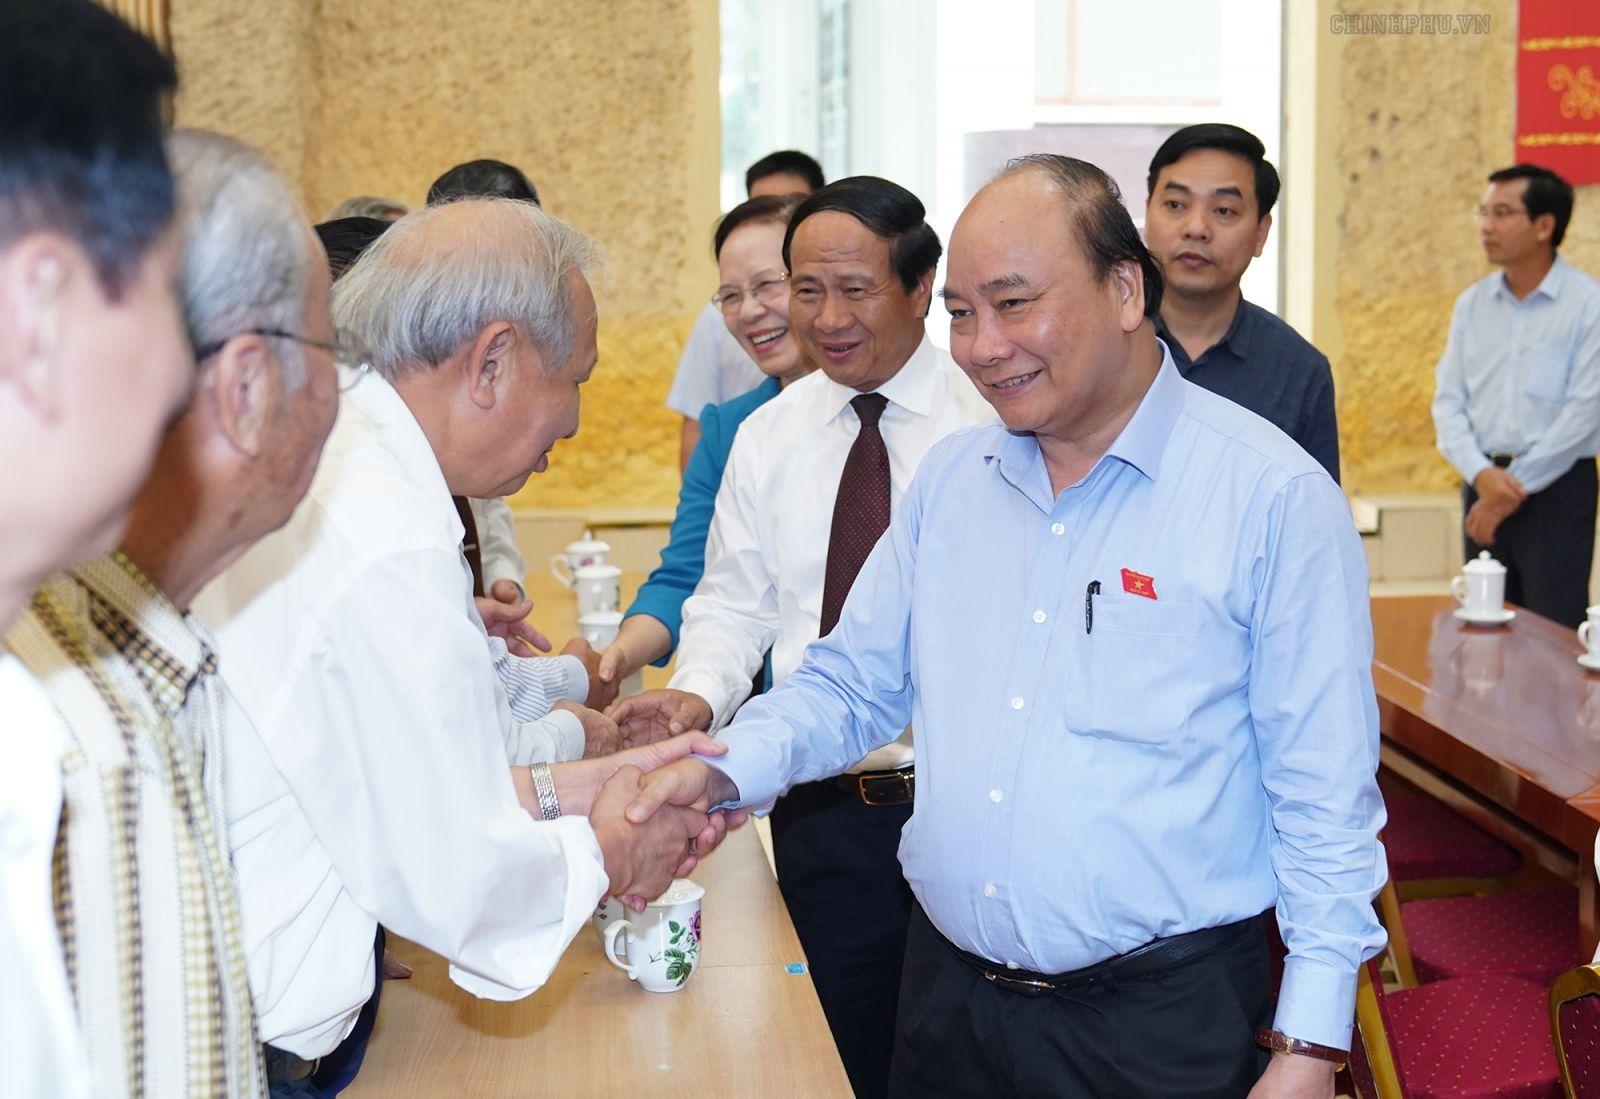 Thủ tướng Nguyễn Xuân Phúc tiếp xúc cử tri tại huyện Kiến Thụy, Hải Phòng. Ảnh: VGP/Quang Hiếu